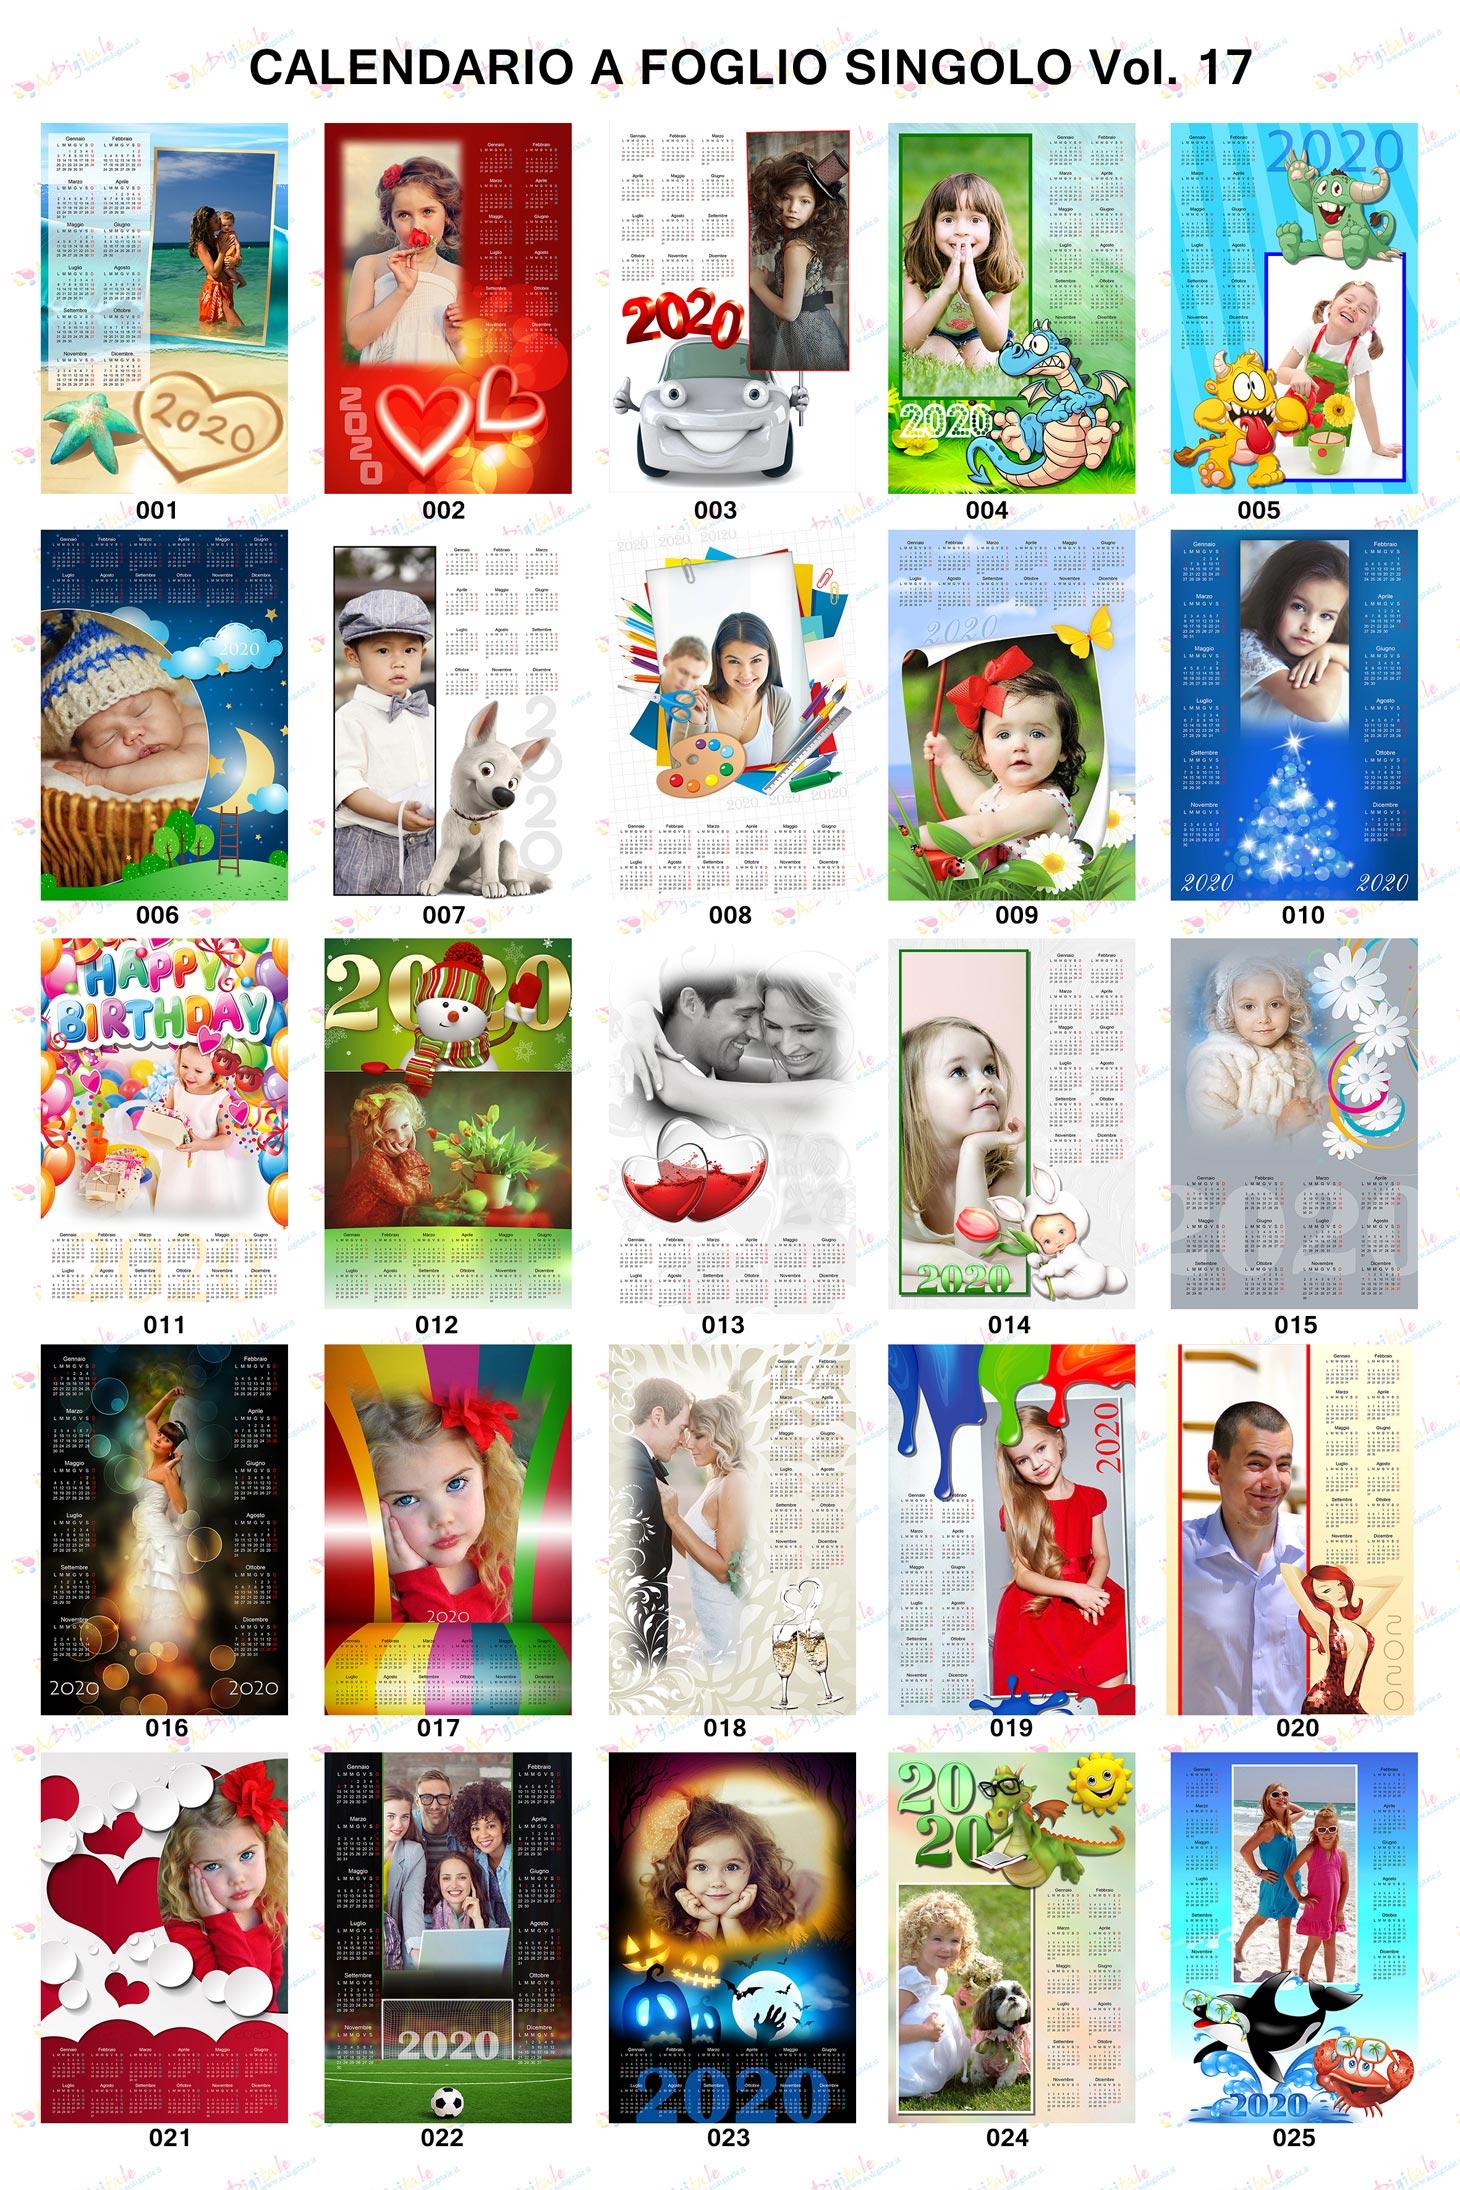 Anteprima calendari personalizzati 2020 volume 17